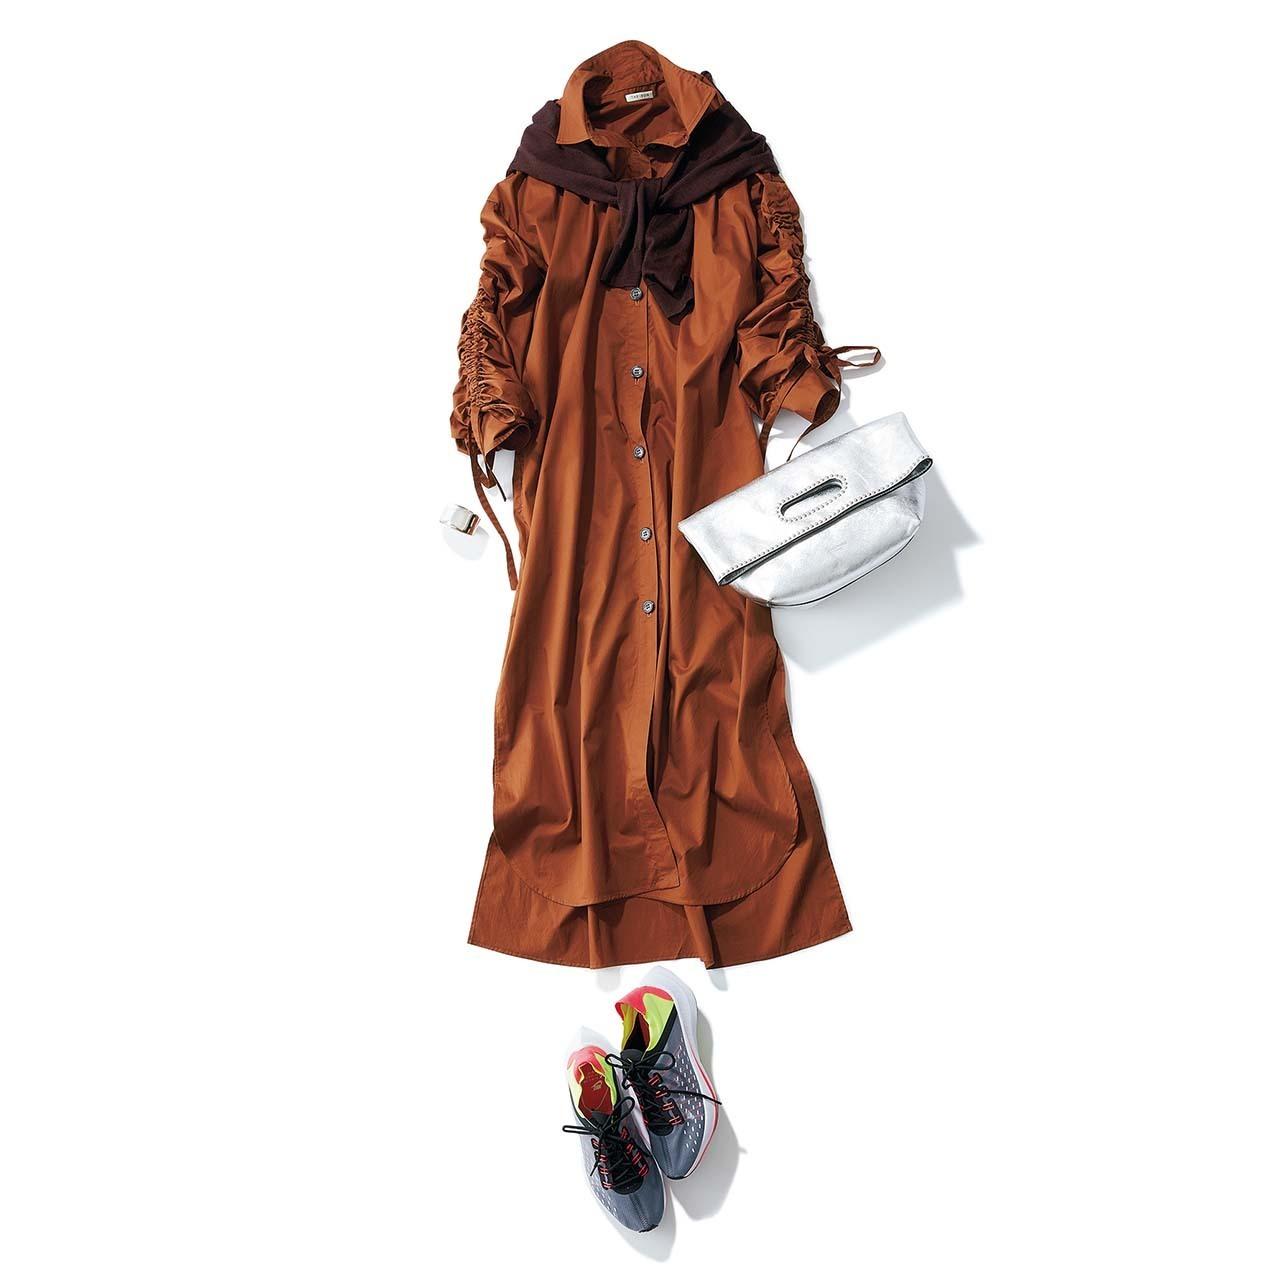 ハイテクスニーカー×シャツワンピースのファッションコーデ